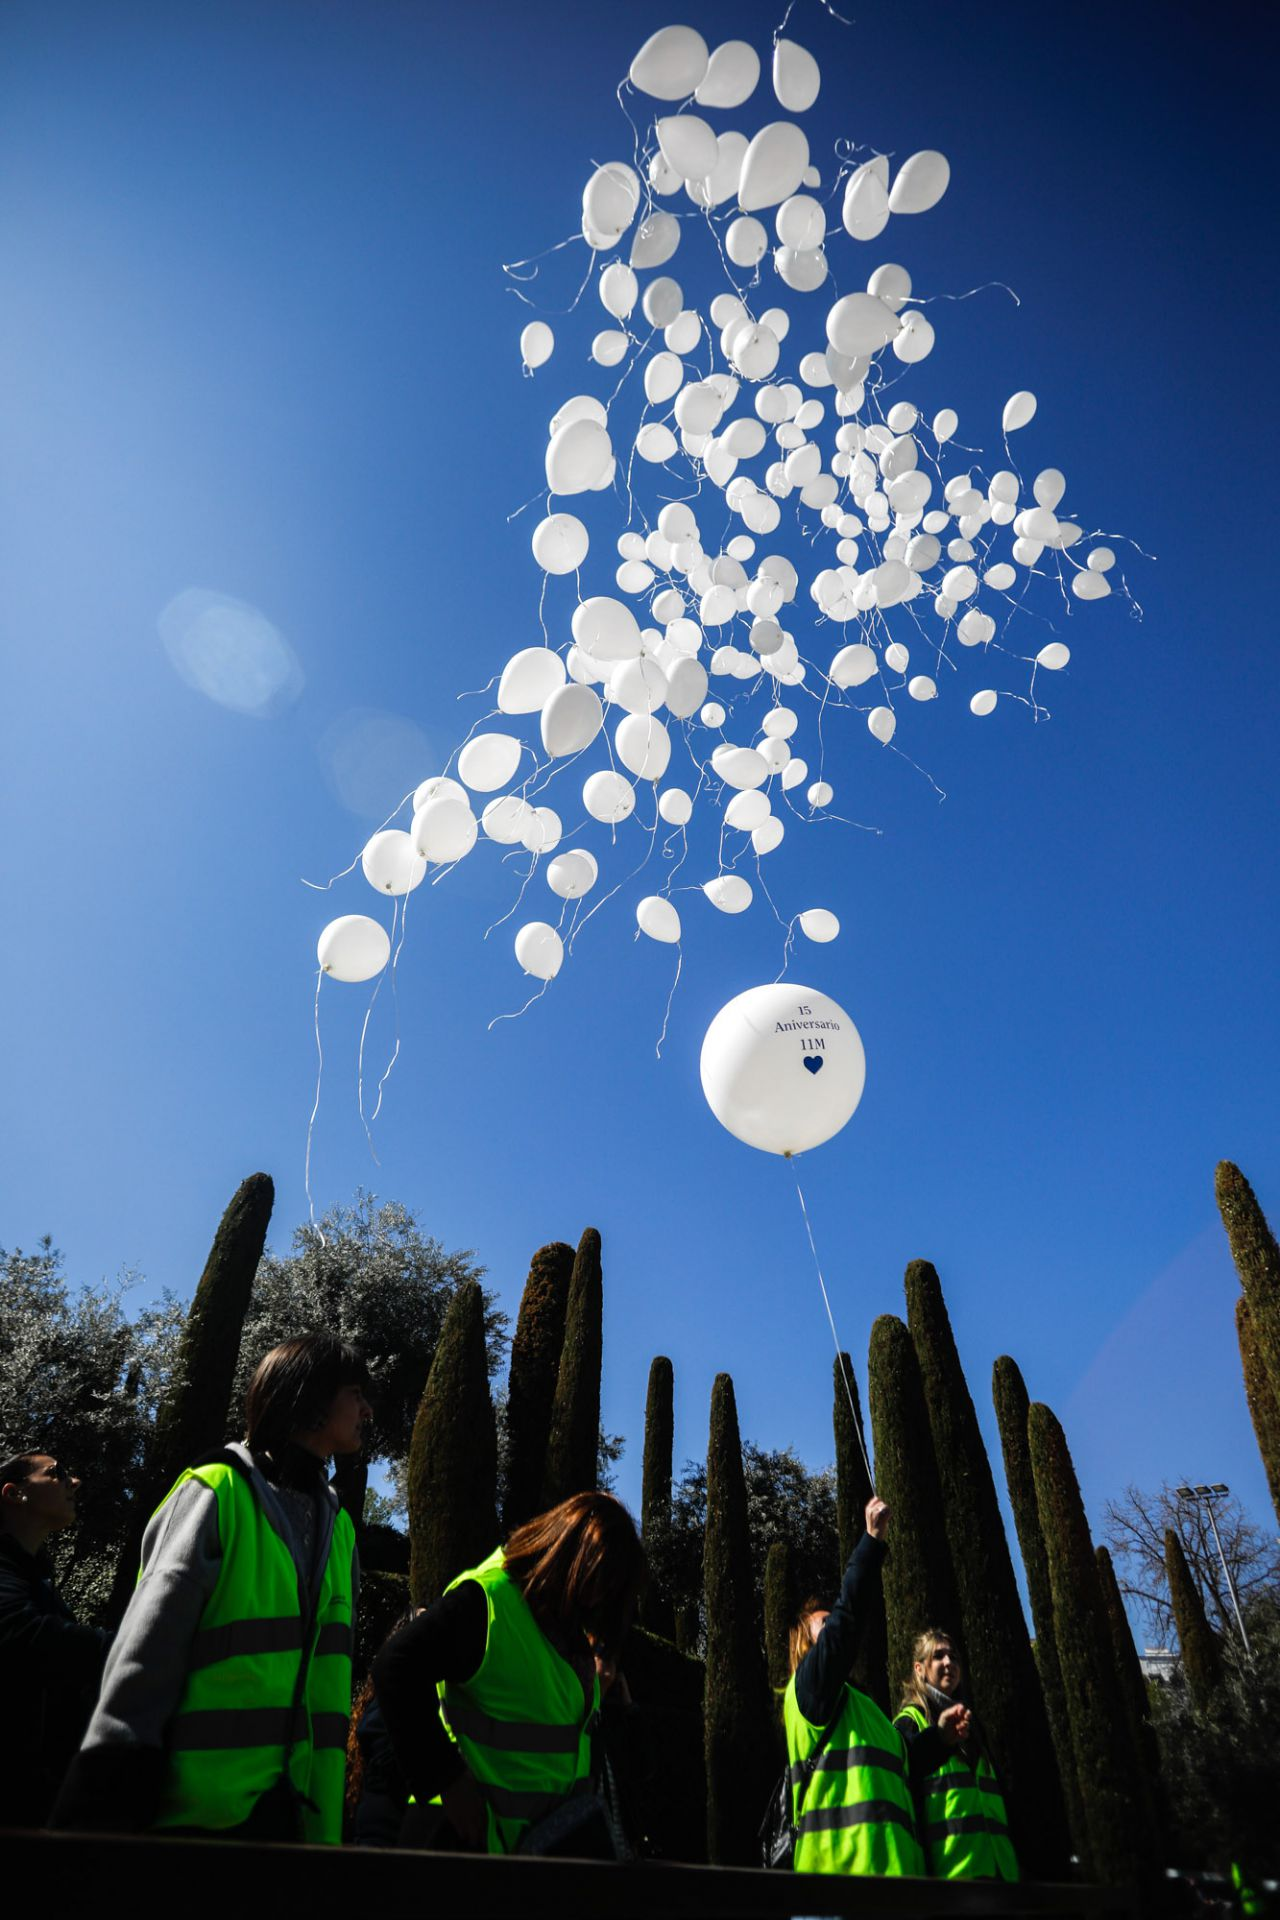 Lanzamiento de 192 globos como recuerdo de las víctimas del atentado en el acto, convocado por la Asociación de Víctimas del Terrorismo, en el Bosque del Recuerdo.